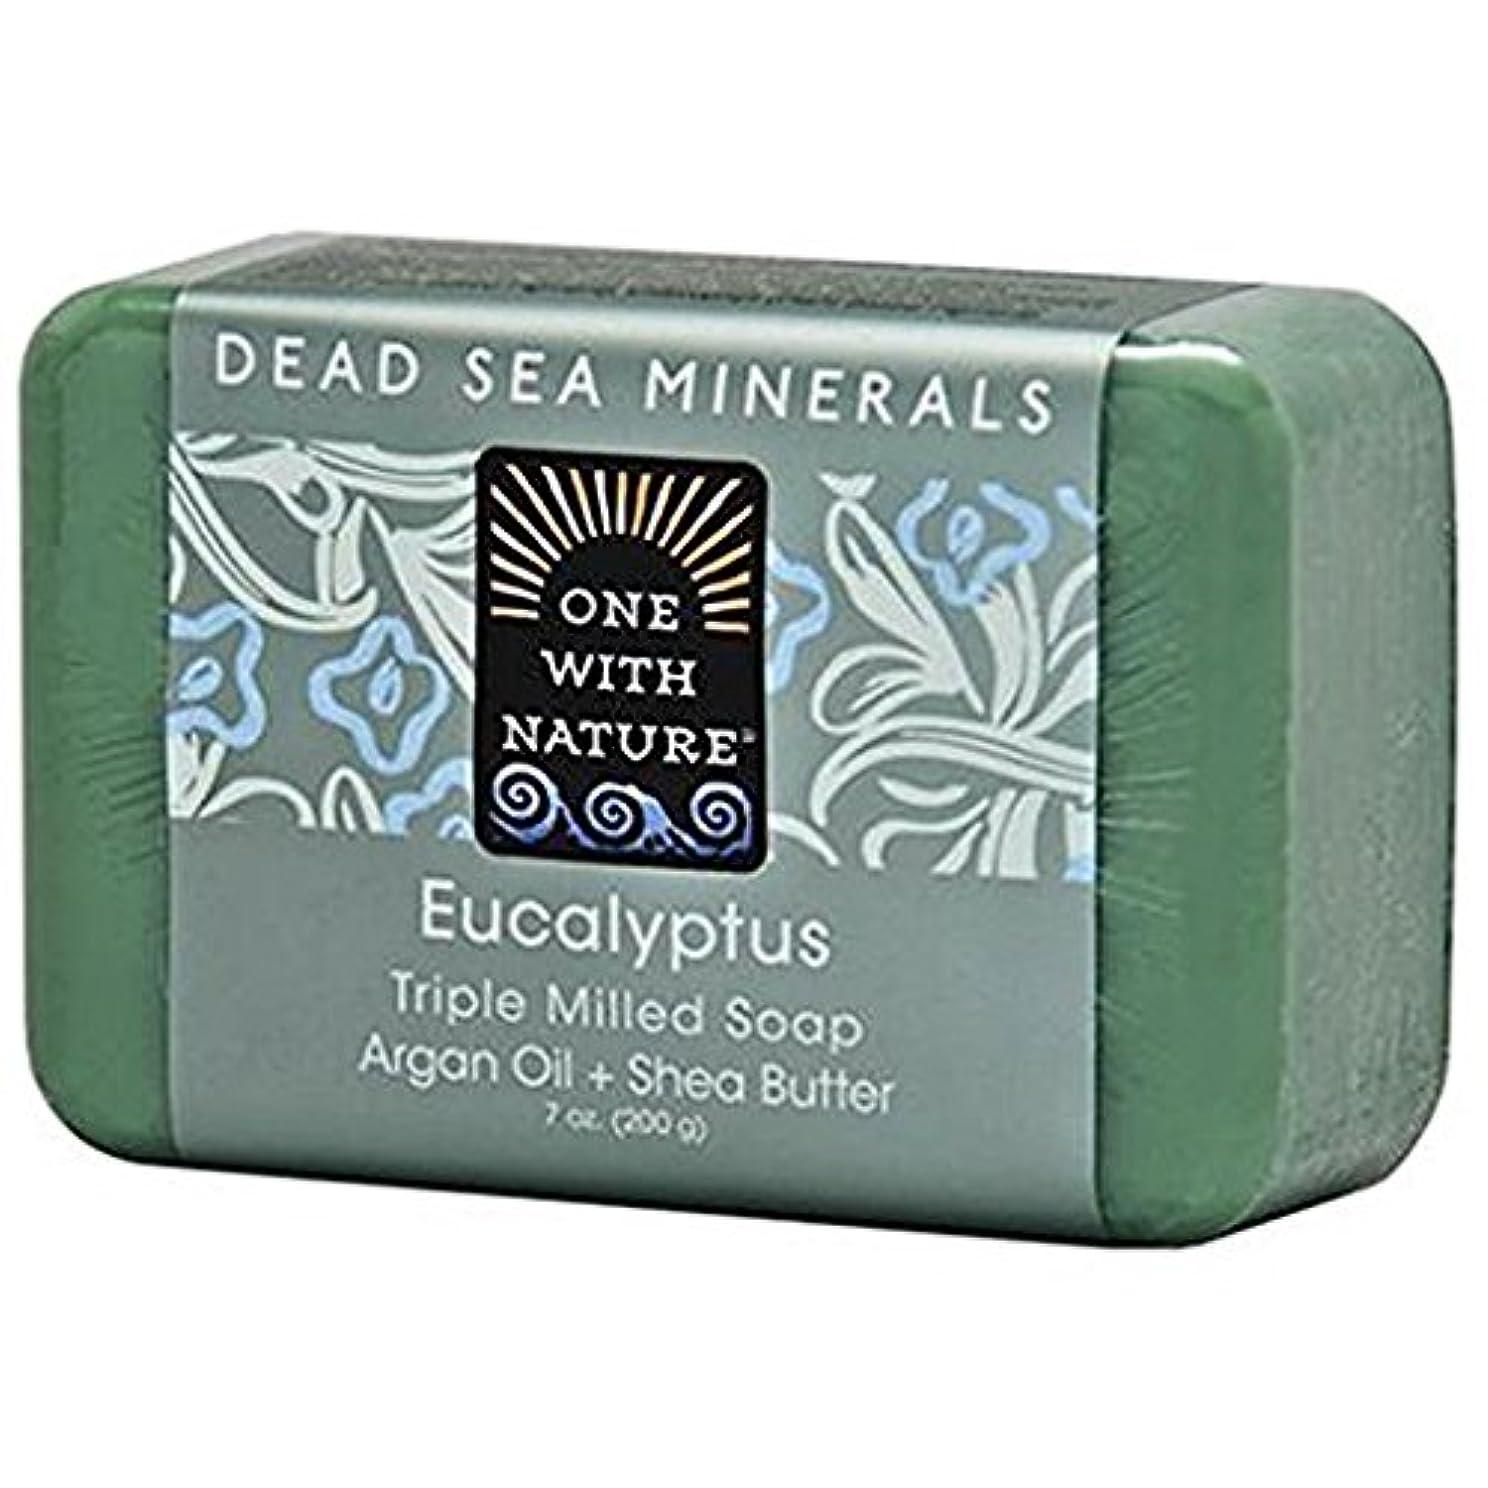 ふける遺産疲れたOne With Nature - 死んだSea Mineralsは製粉された棒石鹸のユーカリを三倍にする - 7ポンド [並行輸入品]